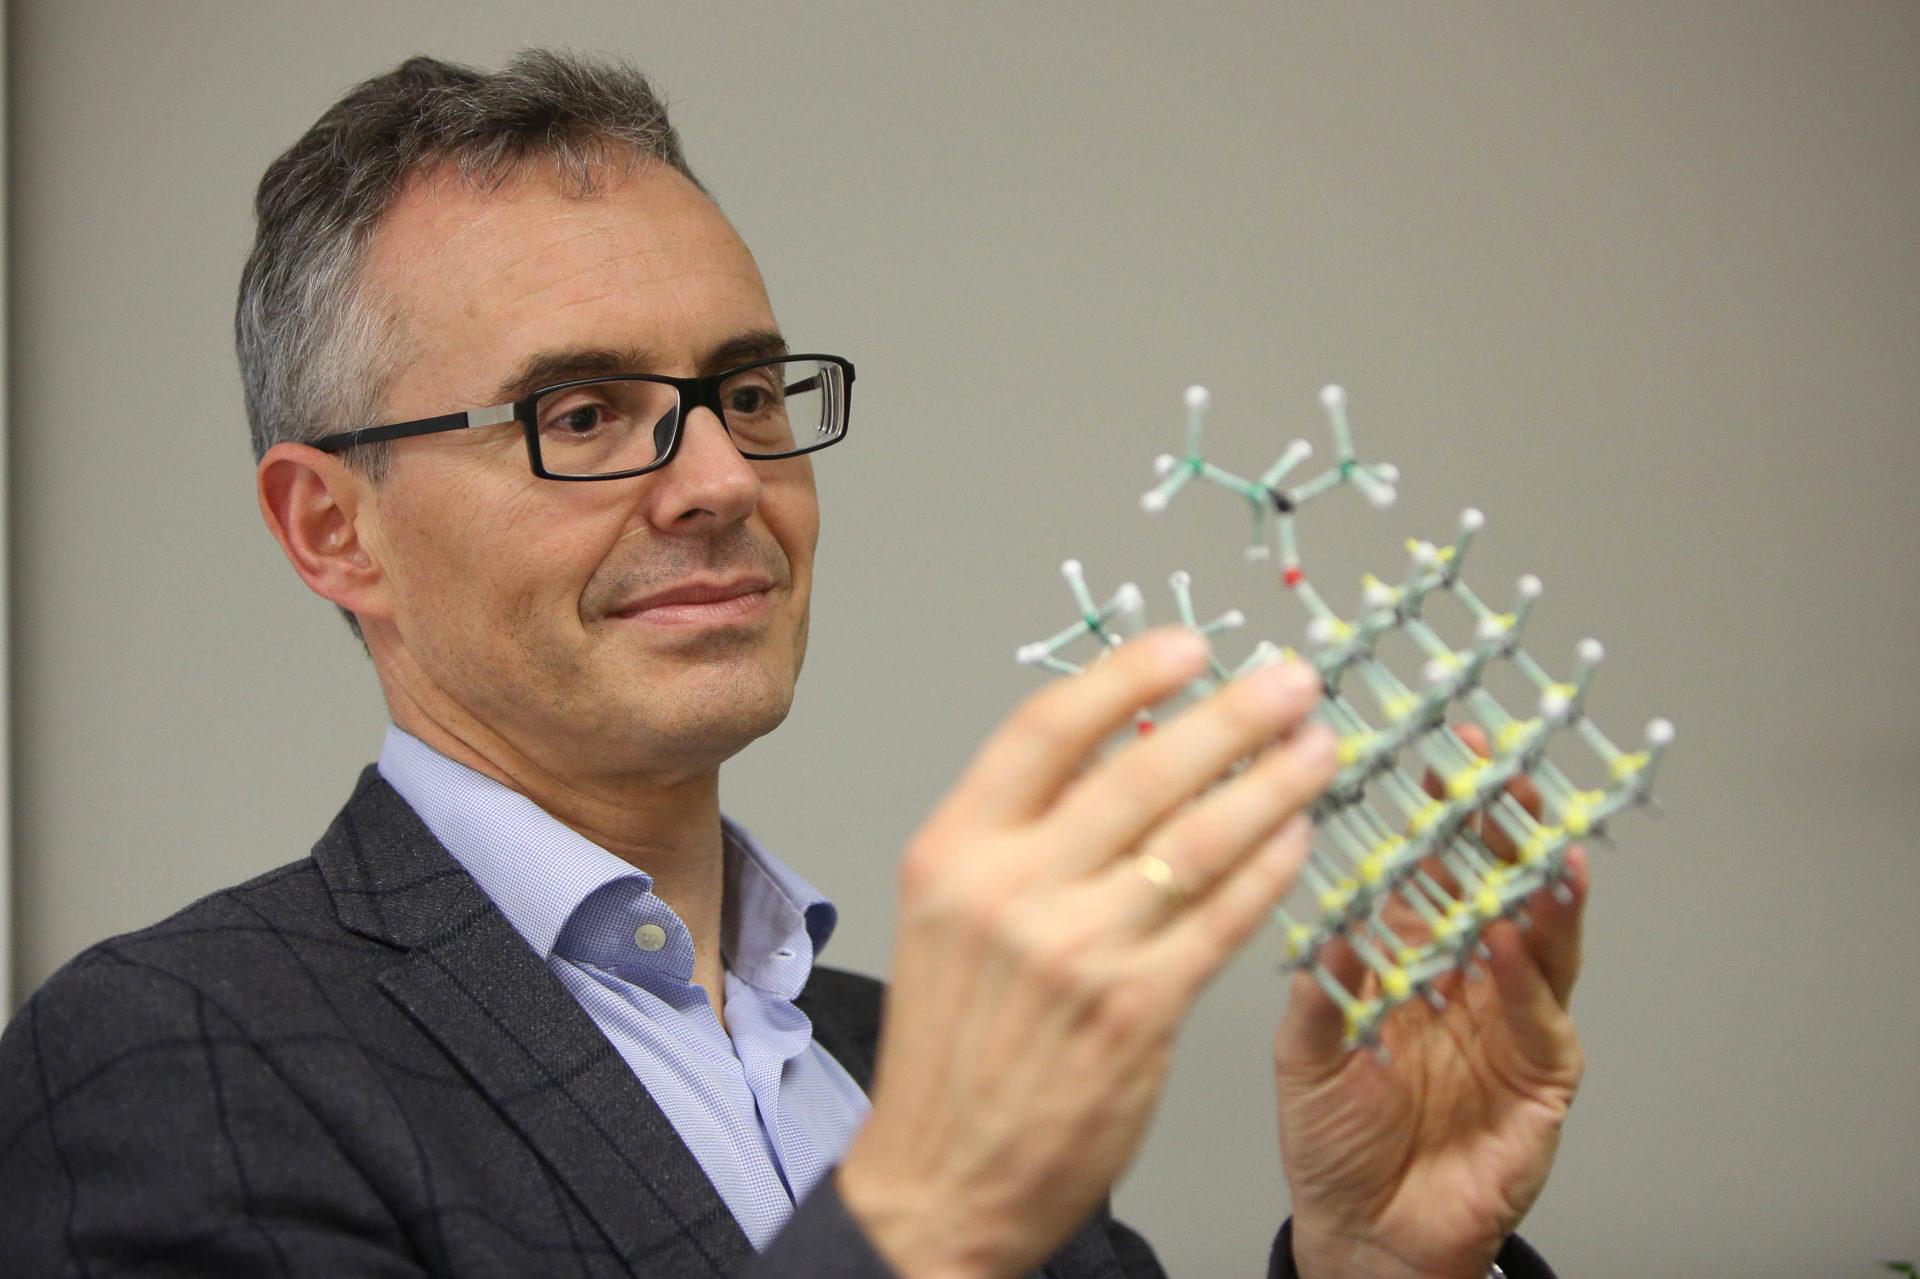 Imagen de Ángel Rubio, galardonado en los premios de fisica de la Fundacion BBVA